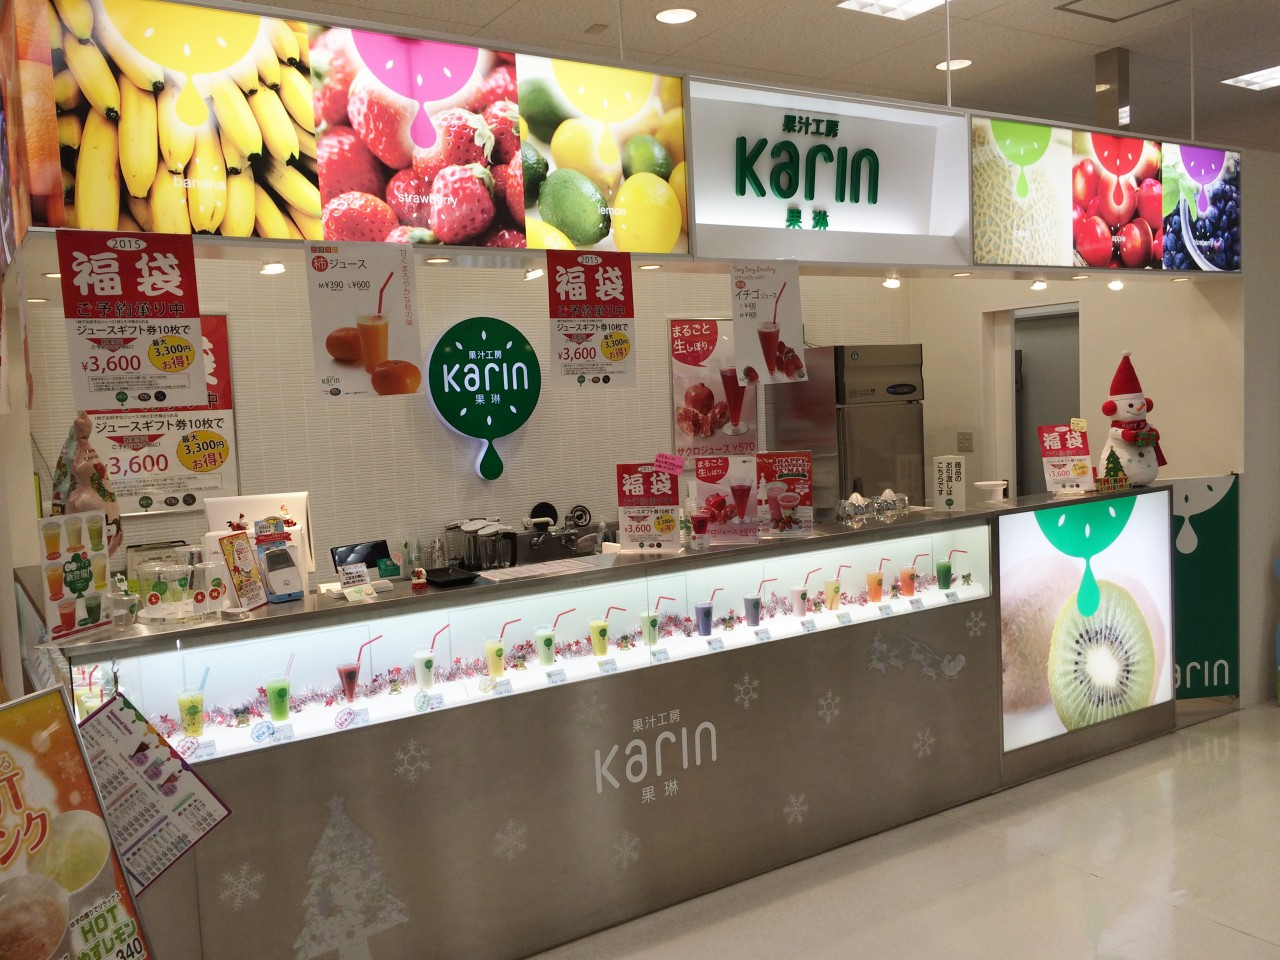 果汁工房 果琳(かりん) イトーヨーカドー青森店